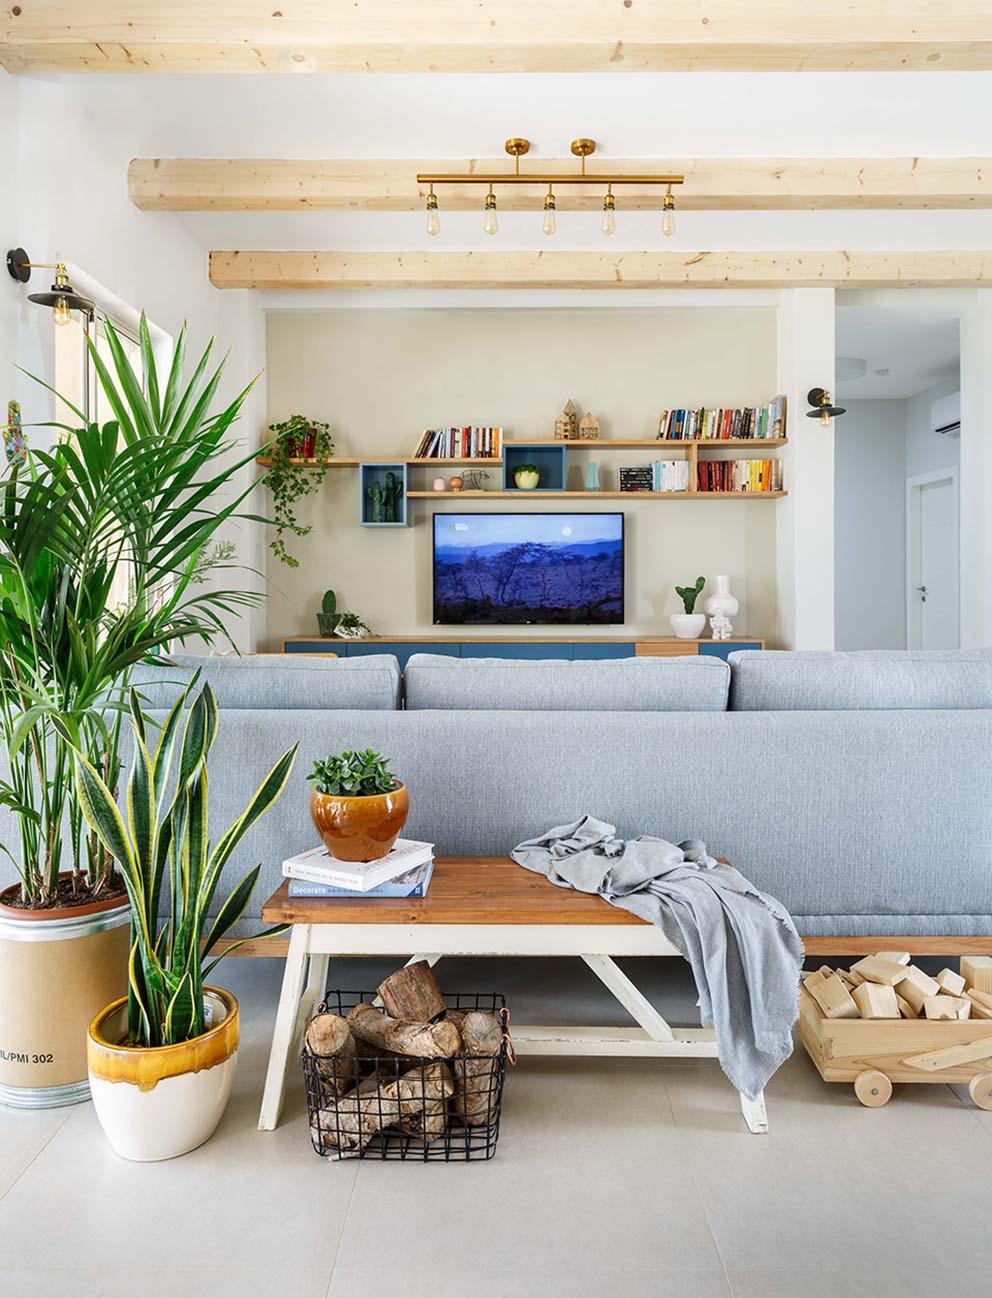 עיצוב: נגה פרשני, צילום: אורית ארנון, www.pnim.co.il